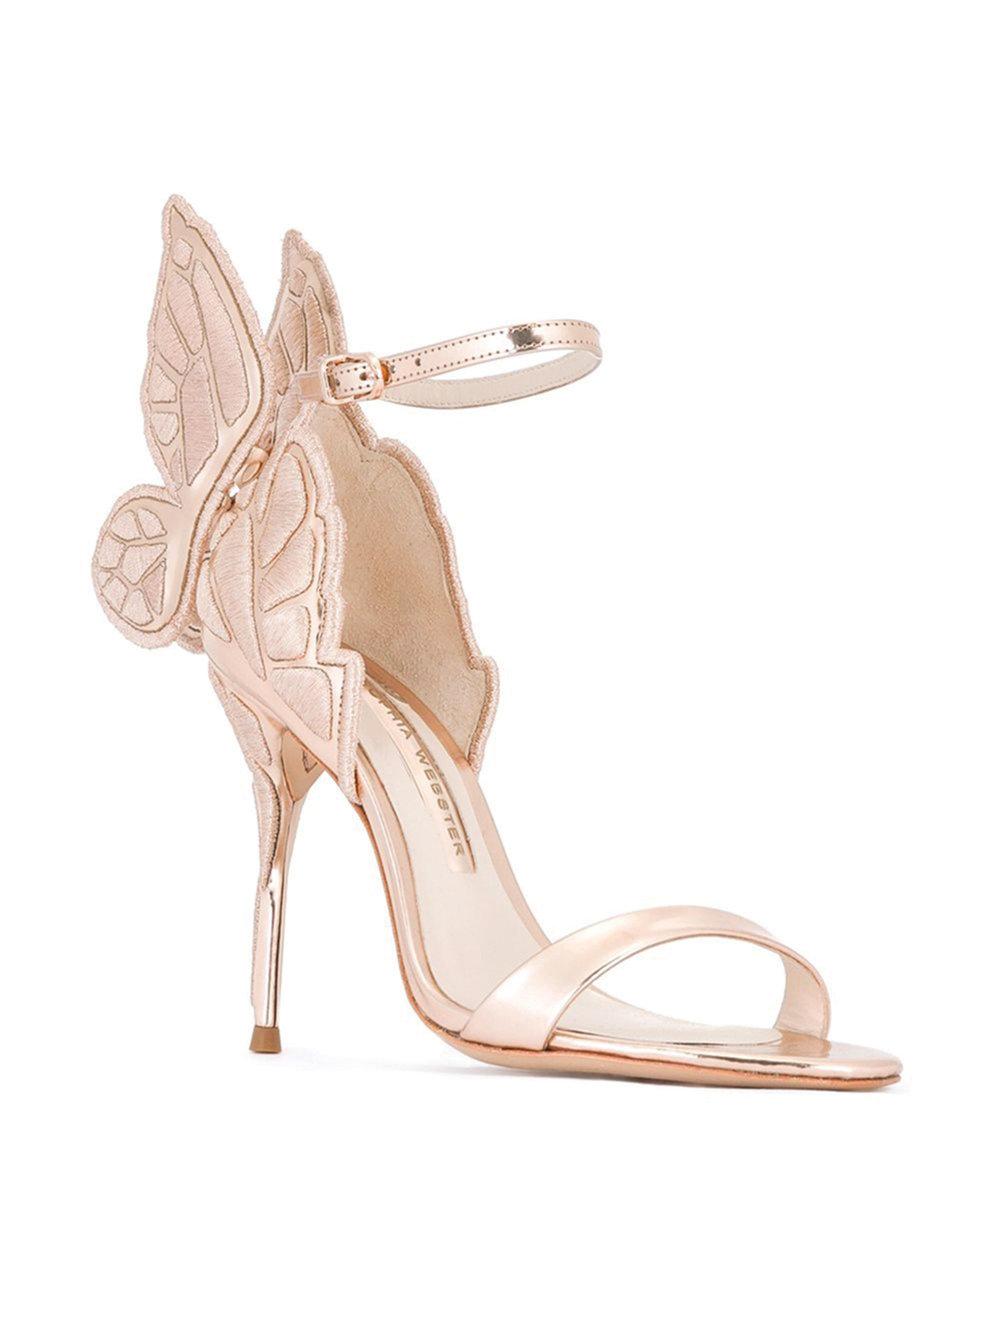 2.Sophia Webster 高跟鞋, $926   farfetch.ca